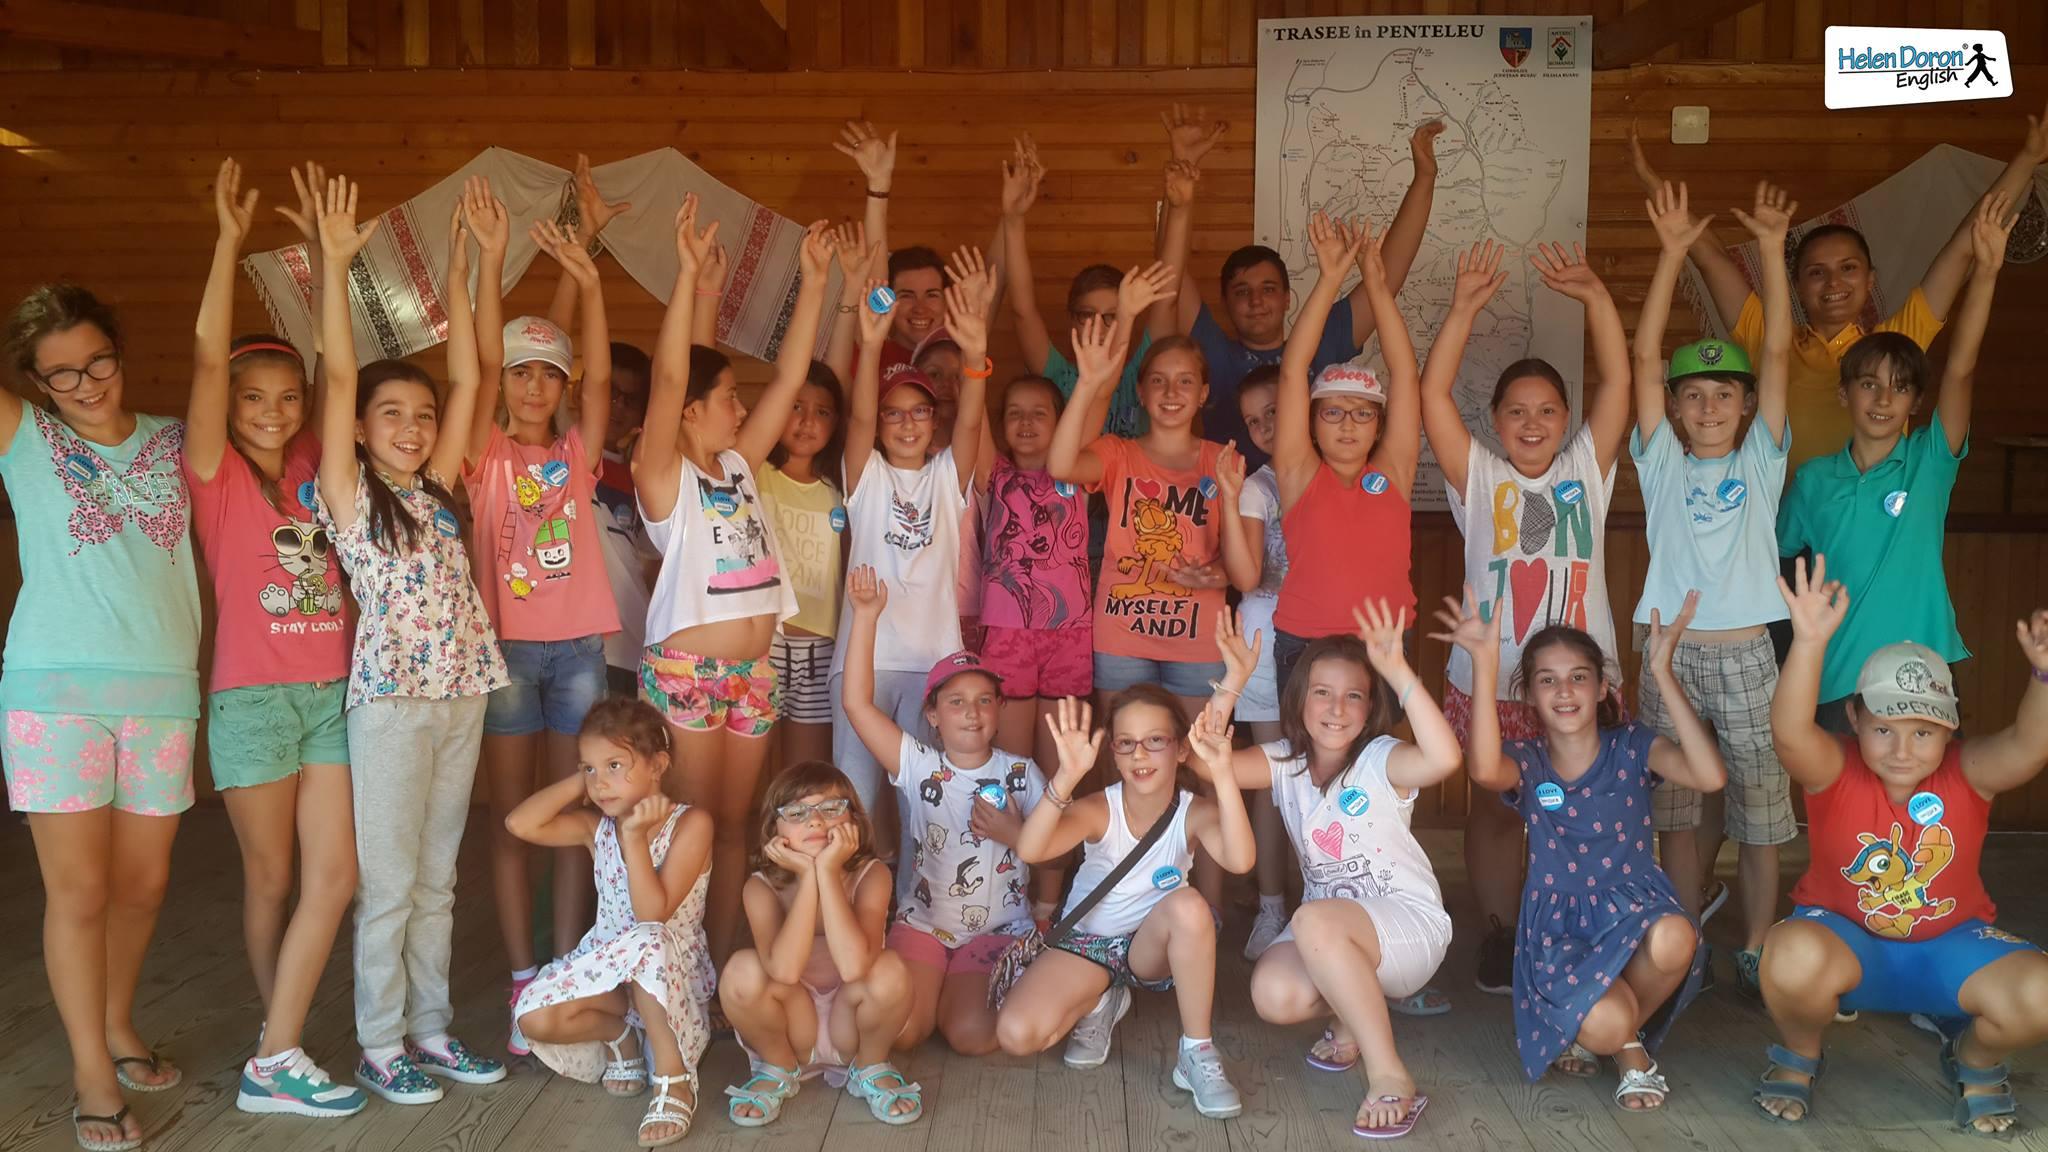 Vara aceasta, peste 100 de copii s-au distrat pe valuri de engleză